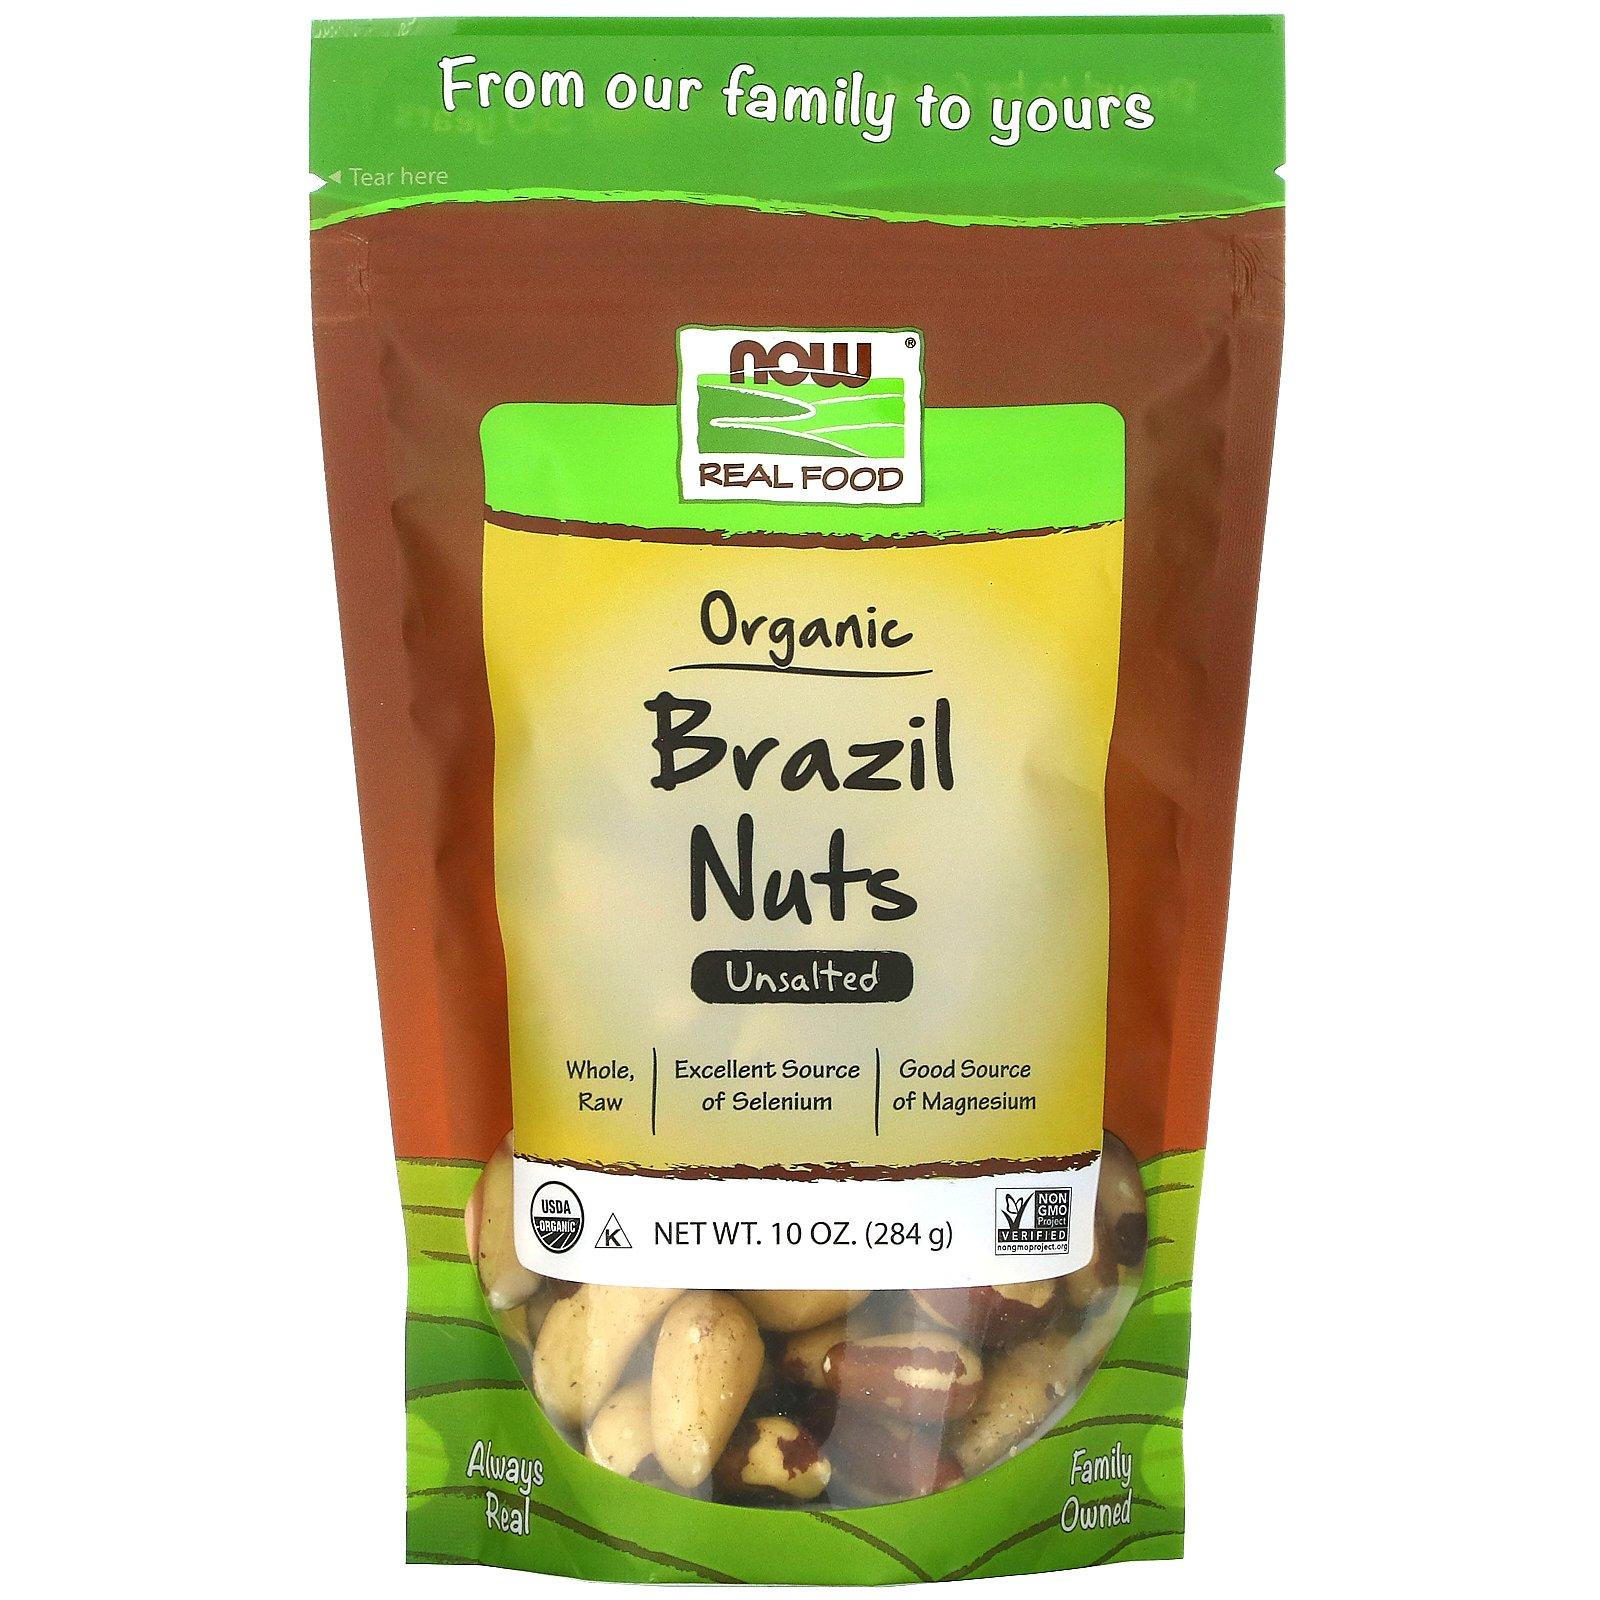 لوز برازيلي